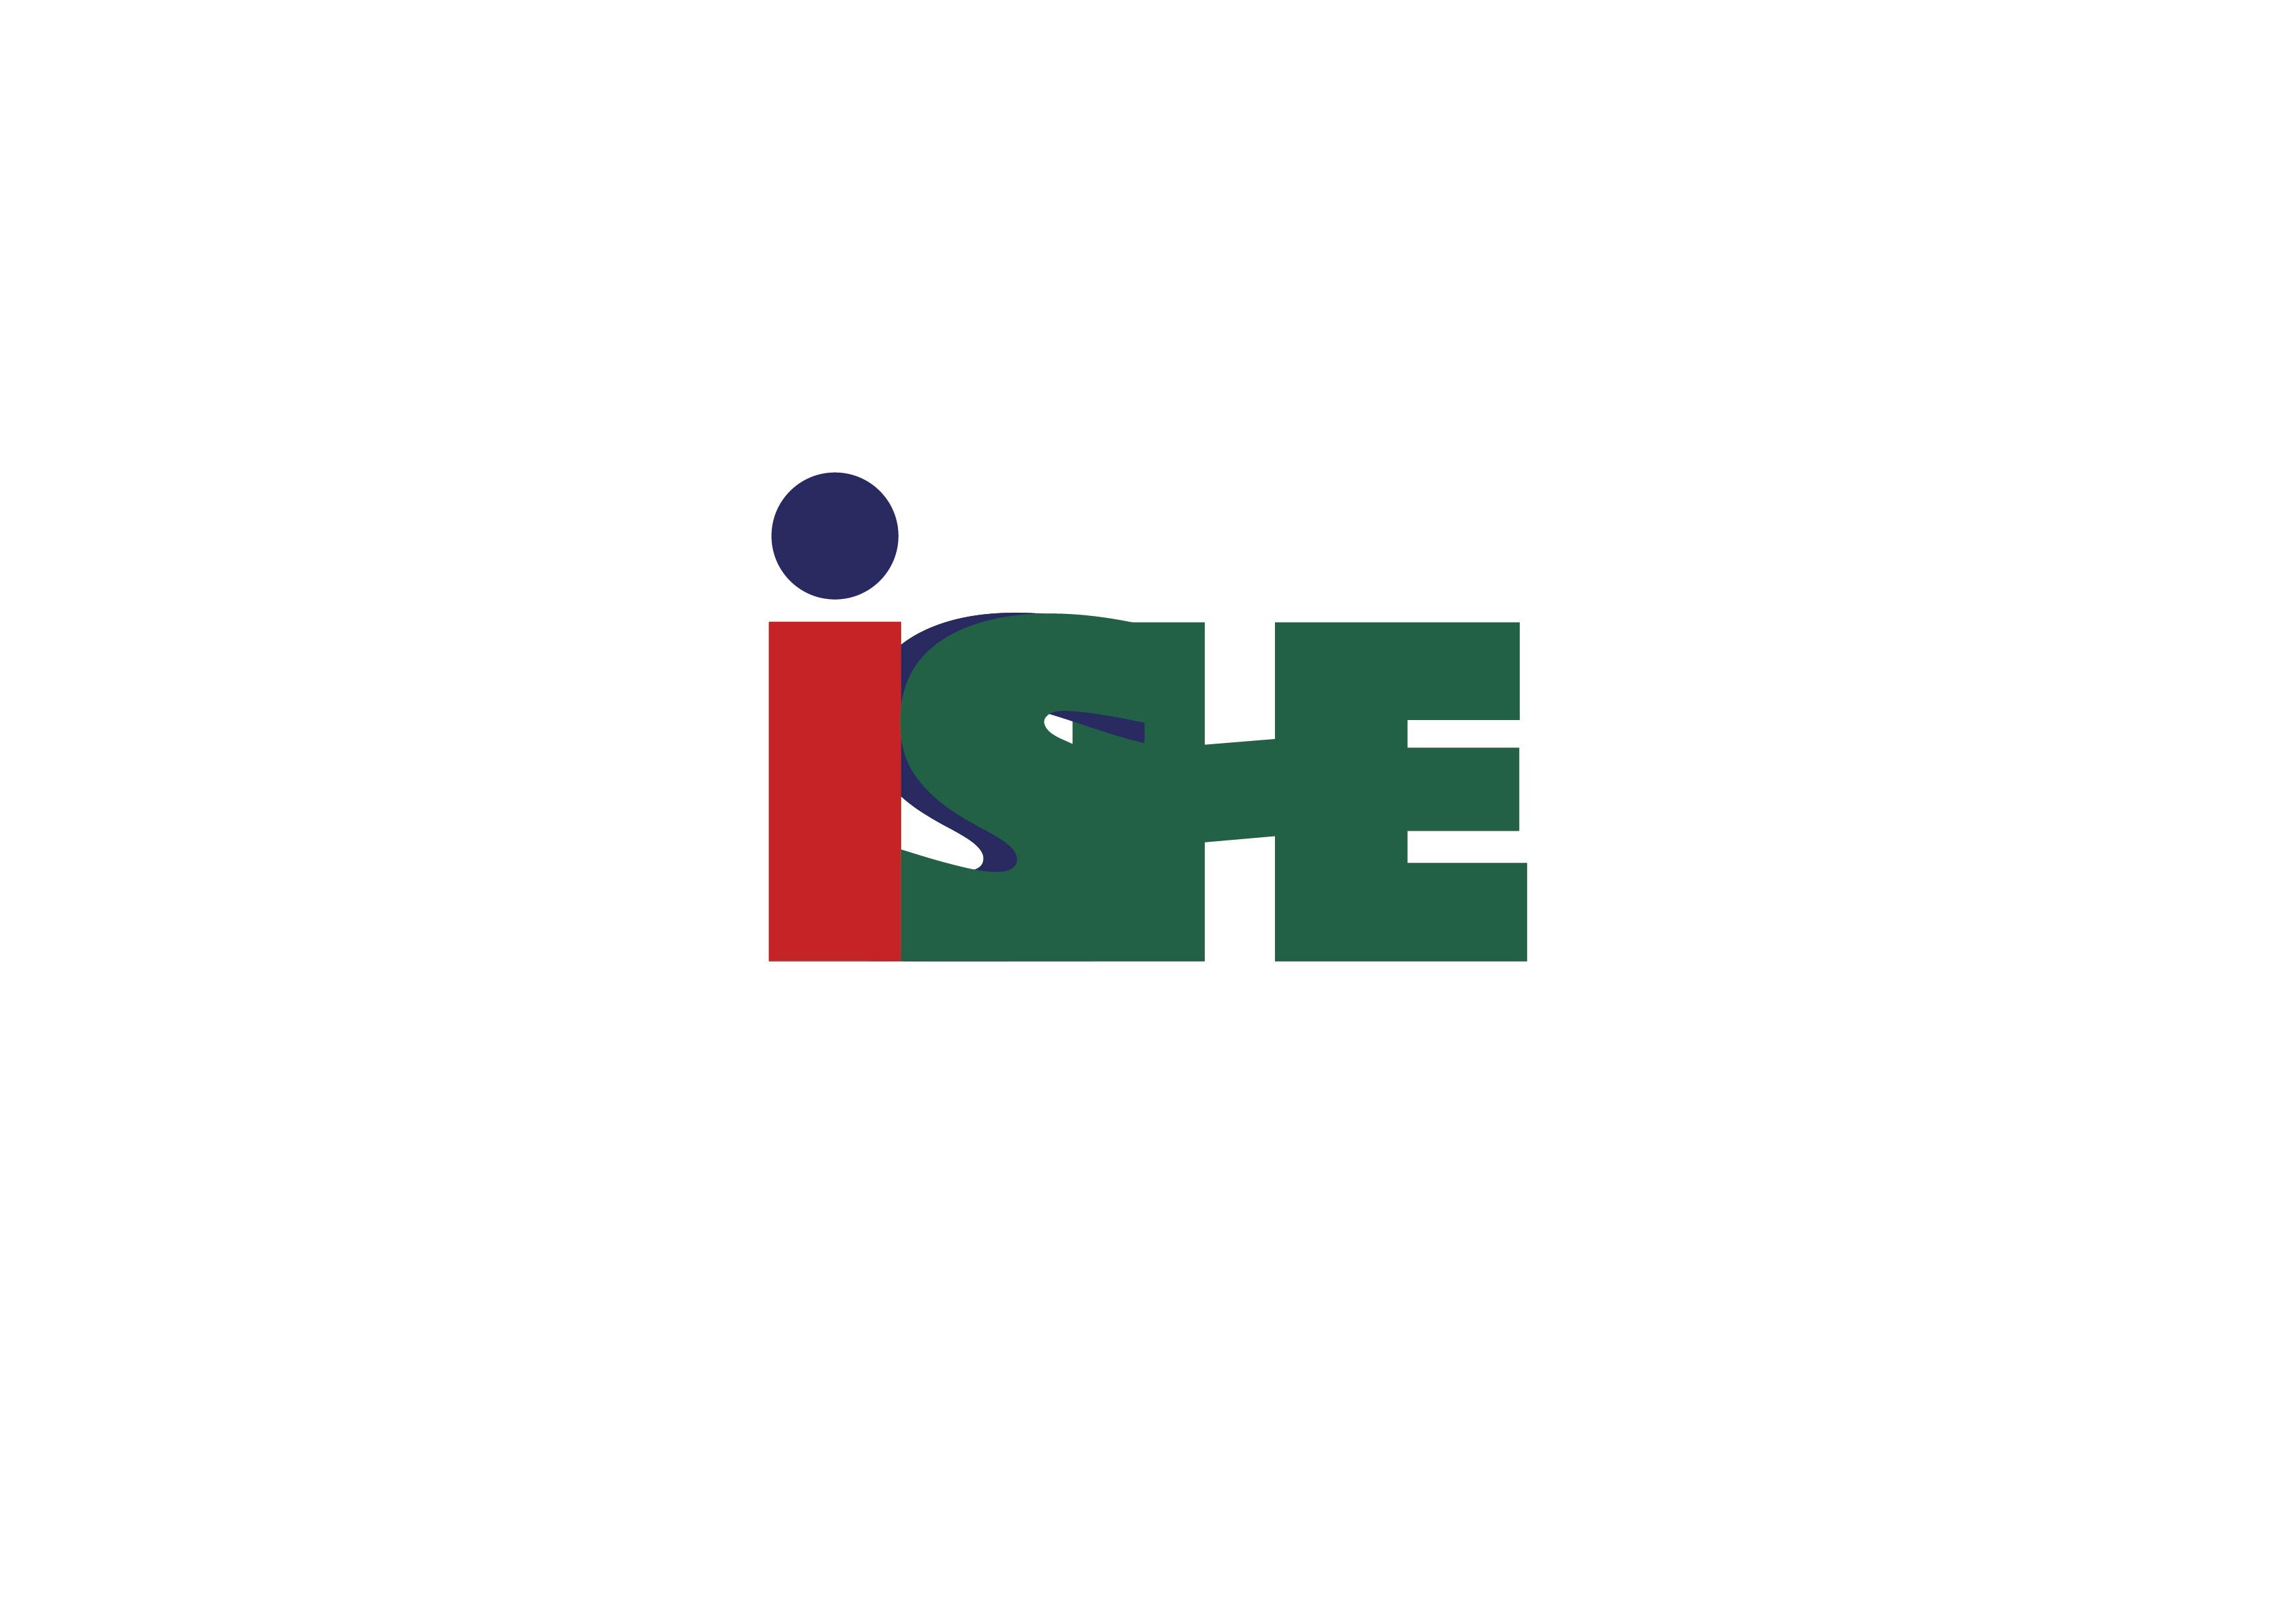 """Создать логотип для торговой марки """"IShe"""" фото f_2906009ac6aabaed.jpg"""